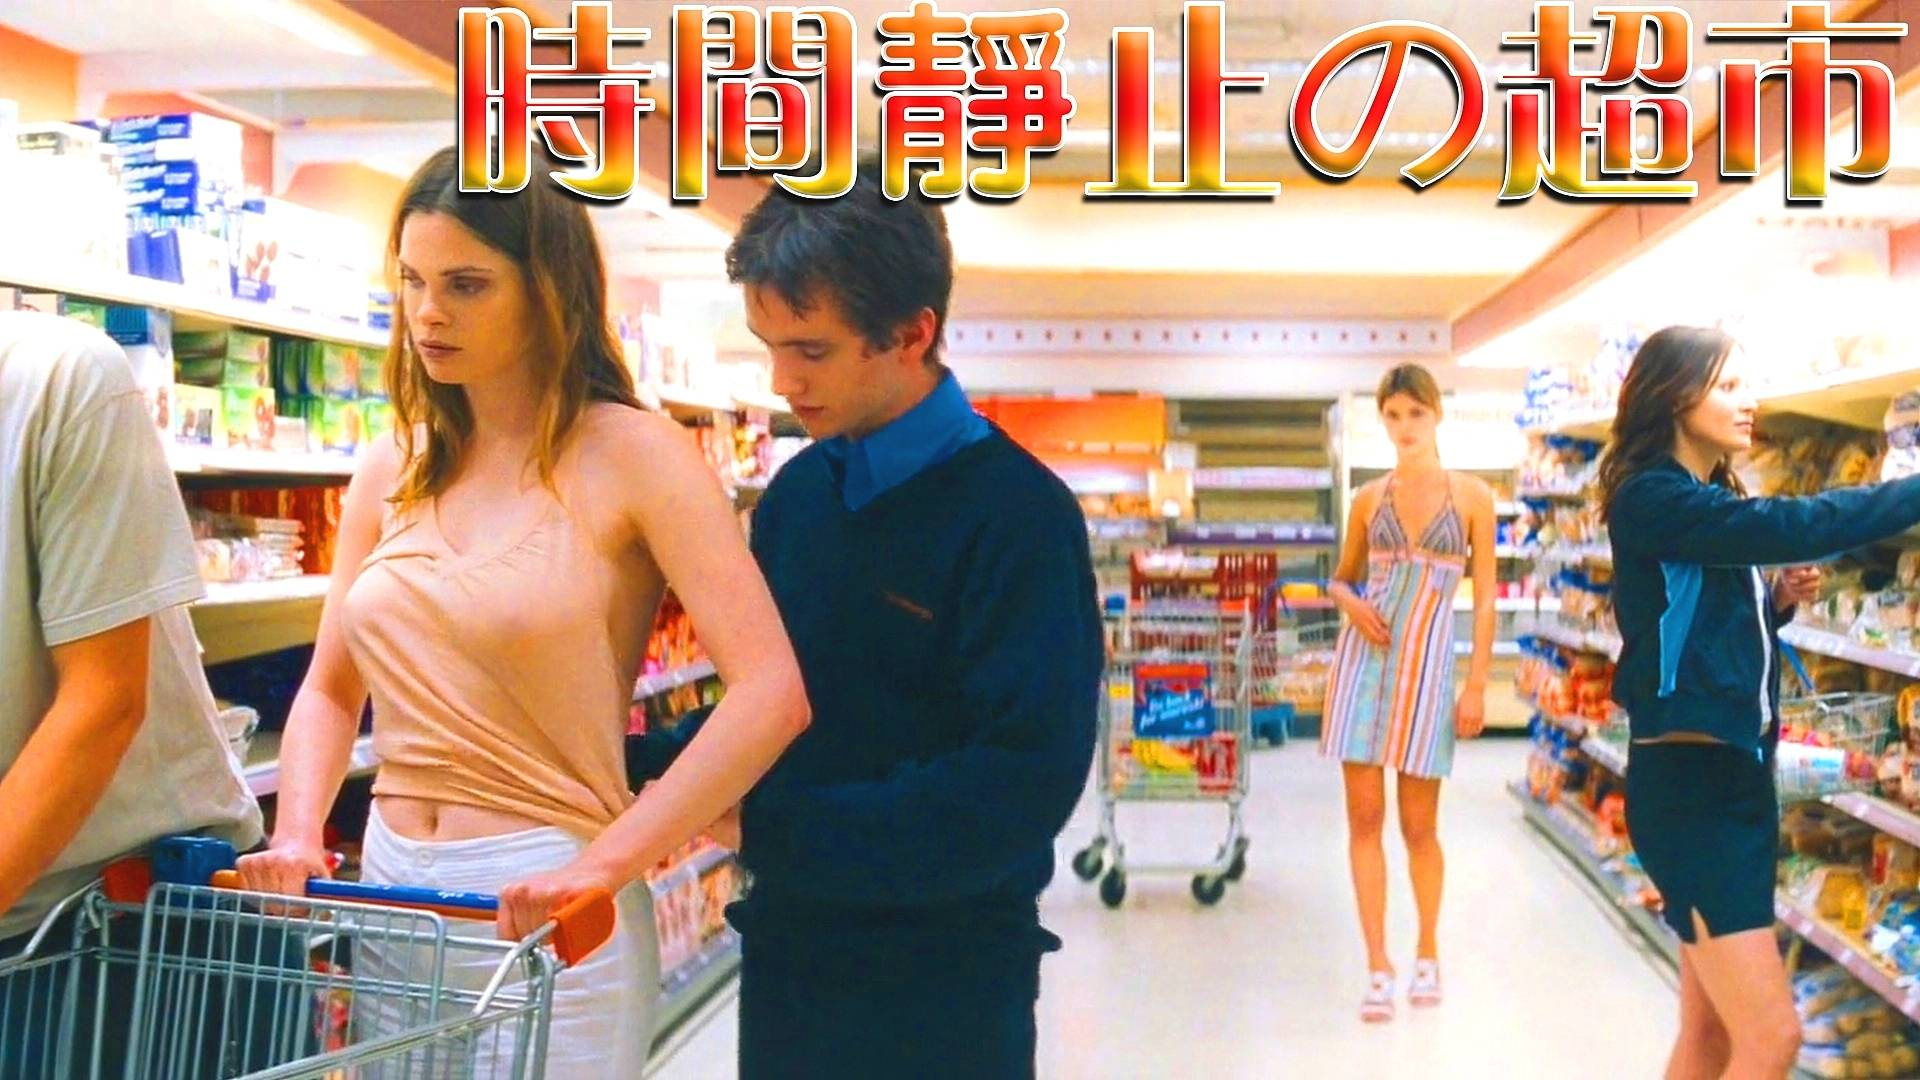 【污师】小伙可以停止时间,有个大胆的想法《超市夜未眠》